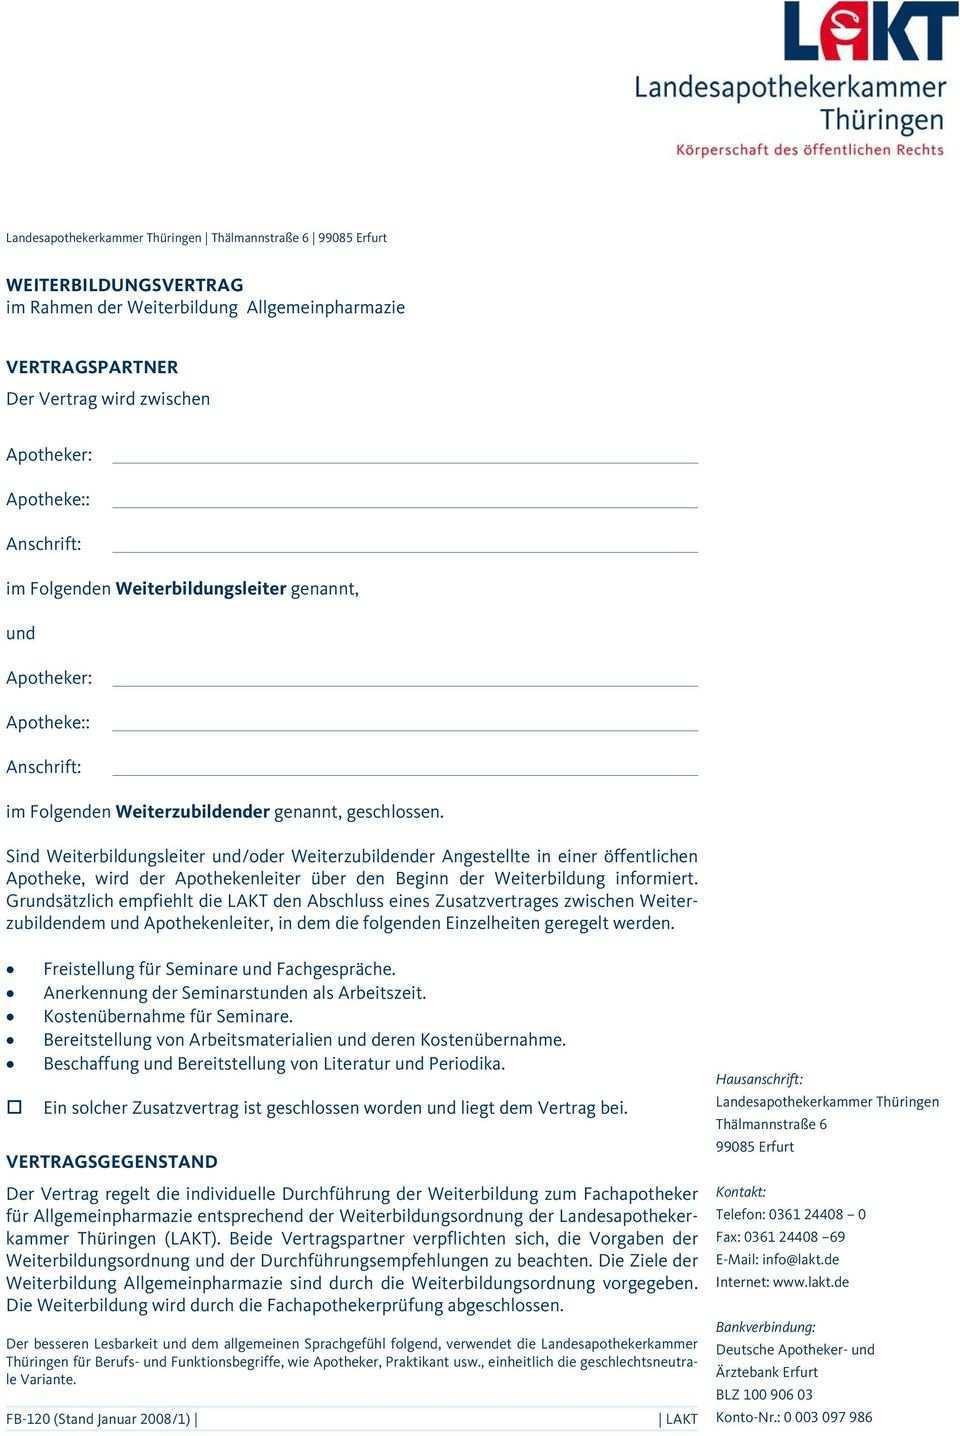 Weiterbildungsvertrag Im Rahmen Der Weiterbildung Allgemeinpharmazie Vertragspartner Der Vertrag Wird Zwischen Apotheker Apotheke Anschrift Pdf Kostenfreier Download